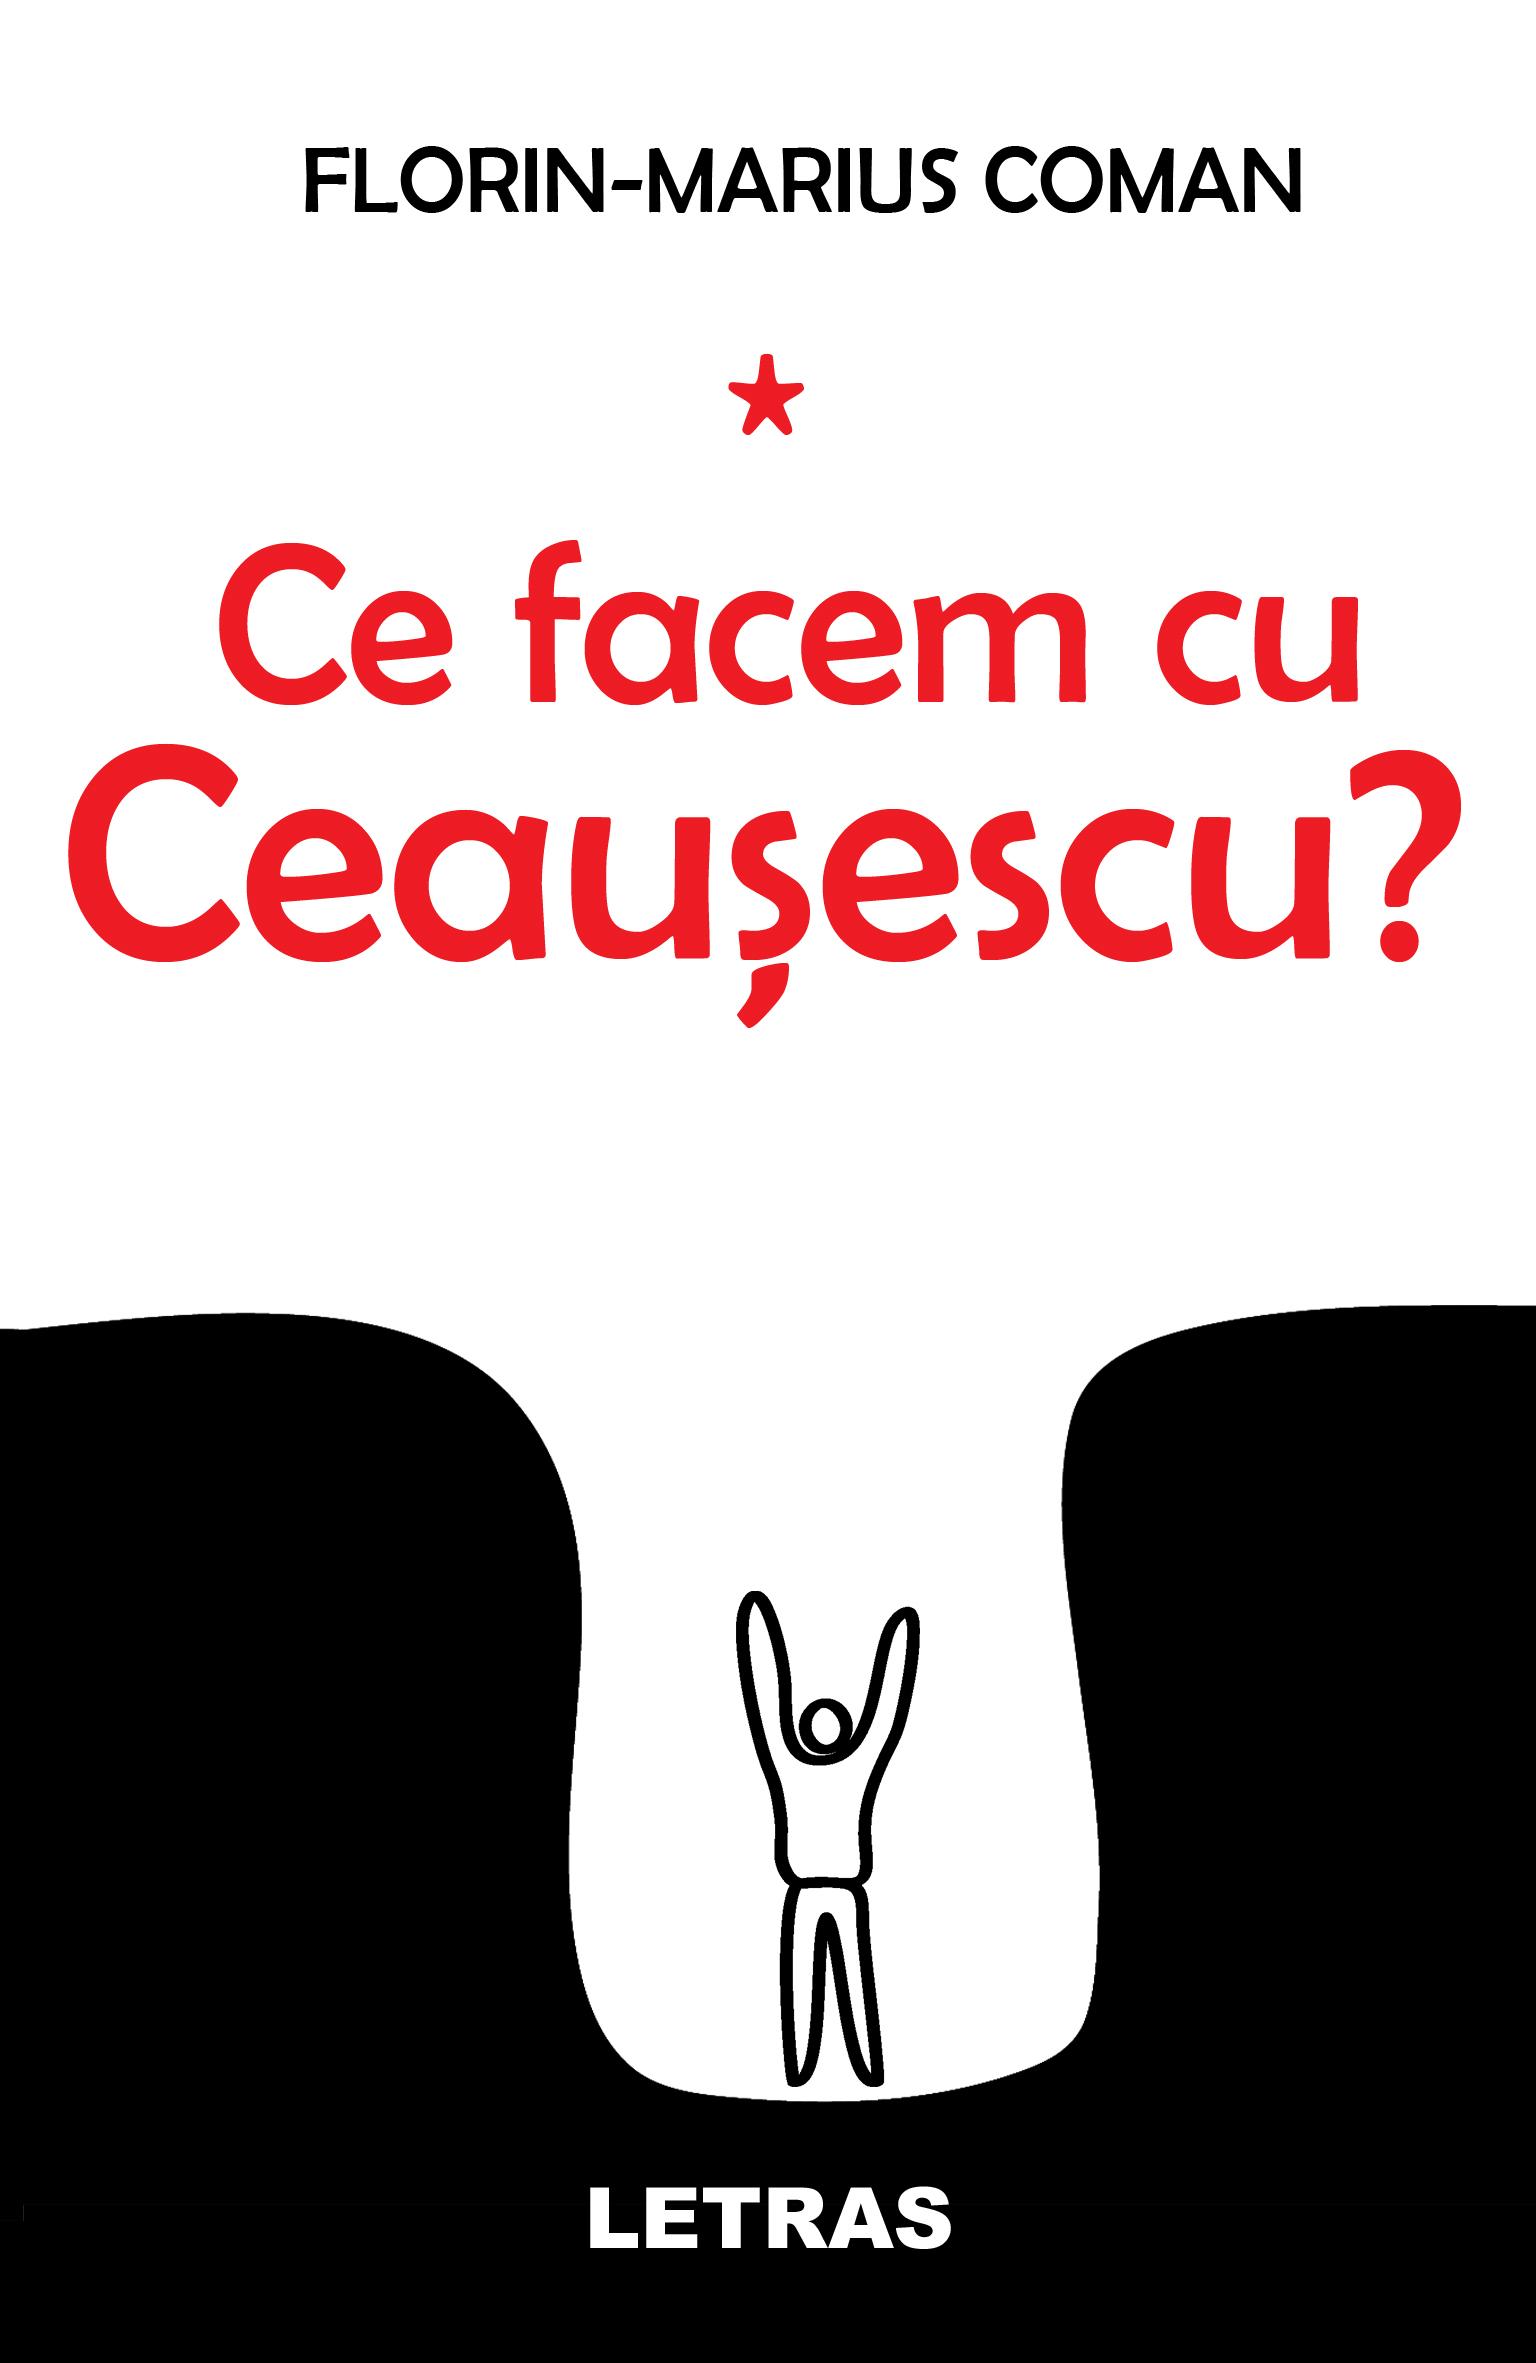 Ce facem cu Ceausescu? | Florin-Marius Coman